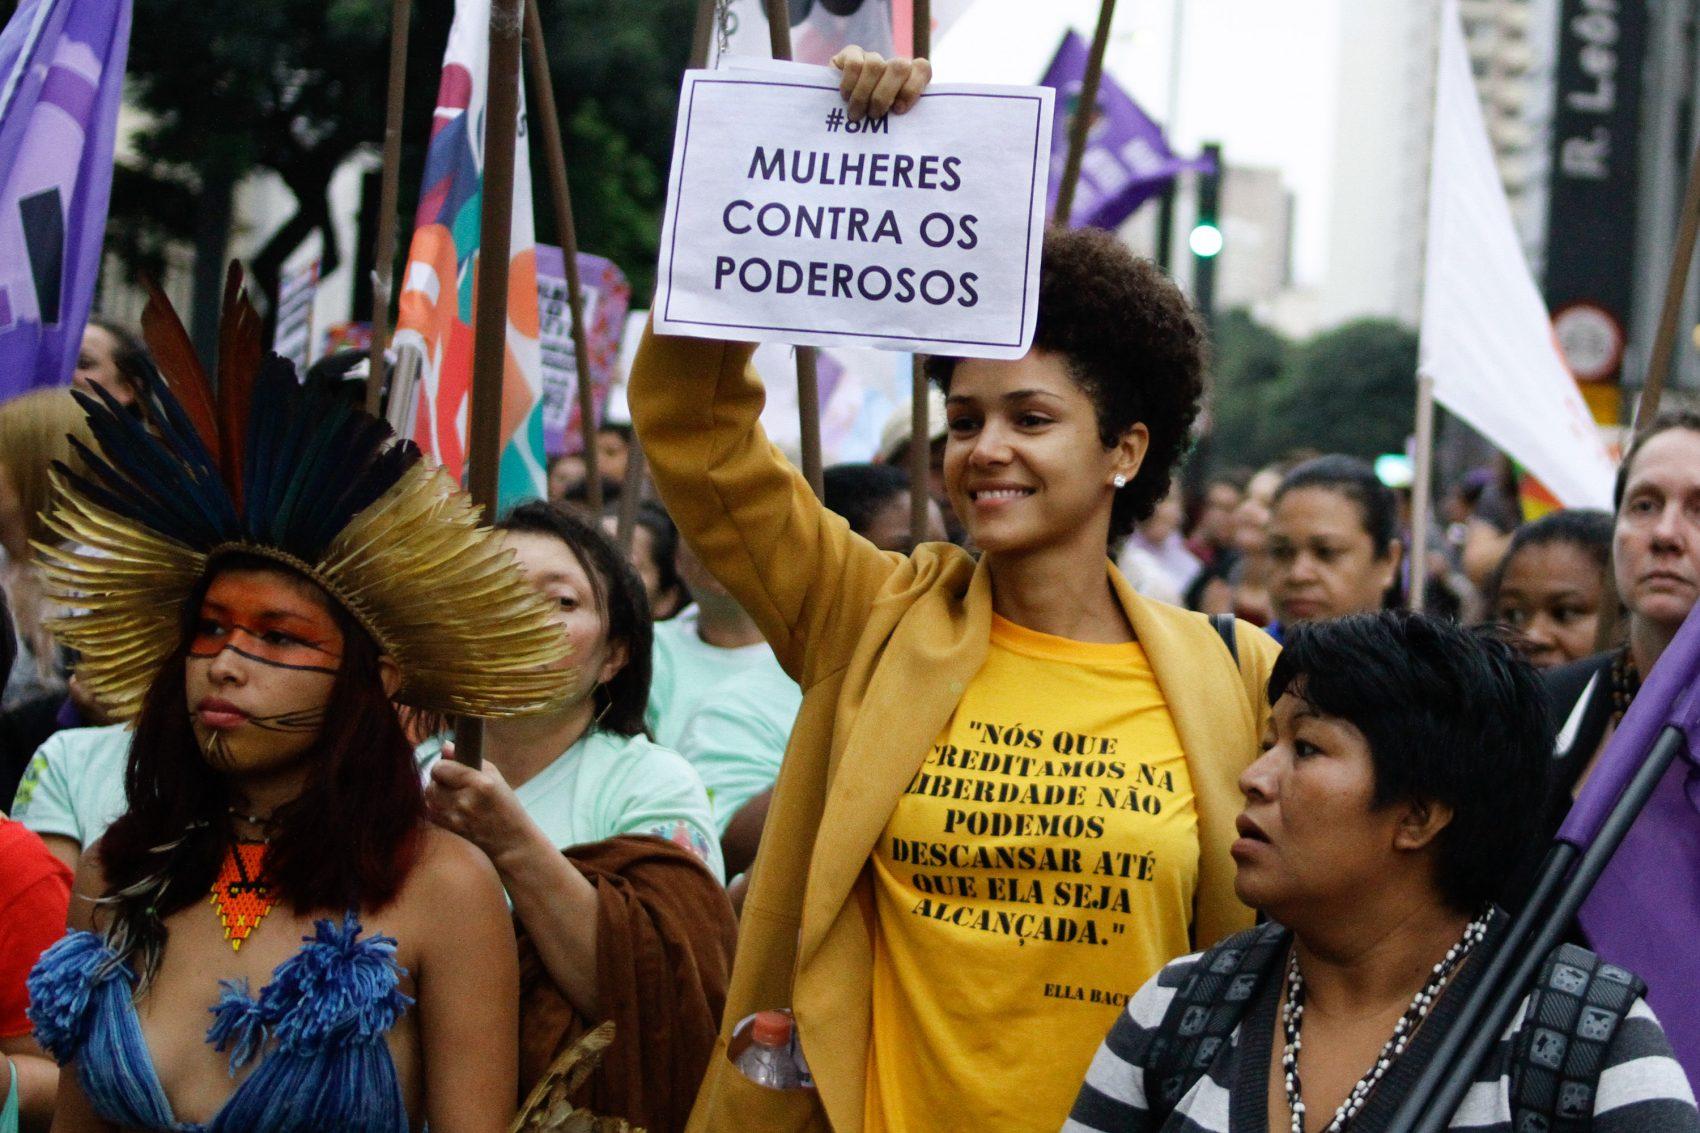 Feministas promovem protestam na Avenida Paulista no Dia das Mulheres do ano passado (Foto: Fábio Vieira / FotoRua / AFP)